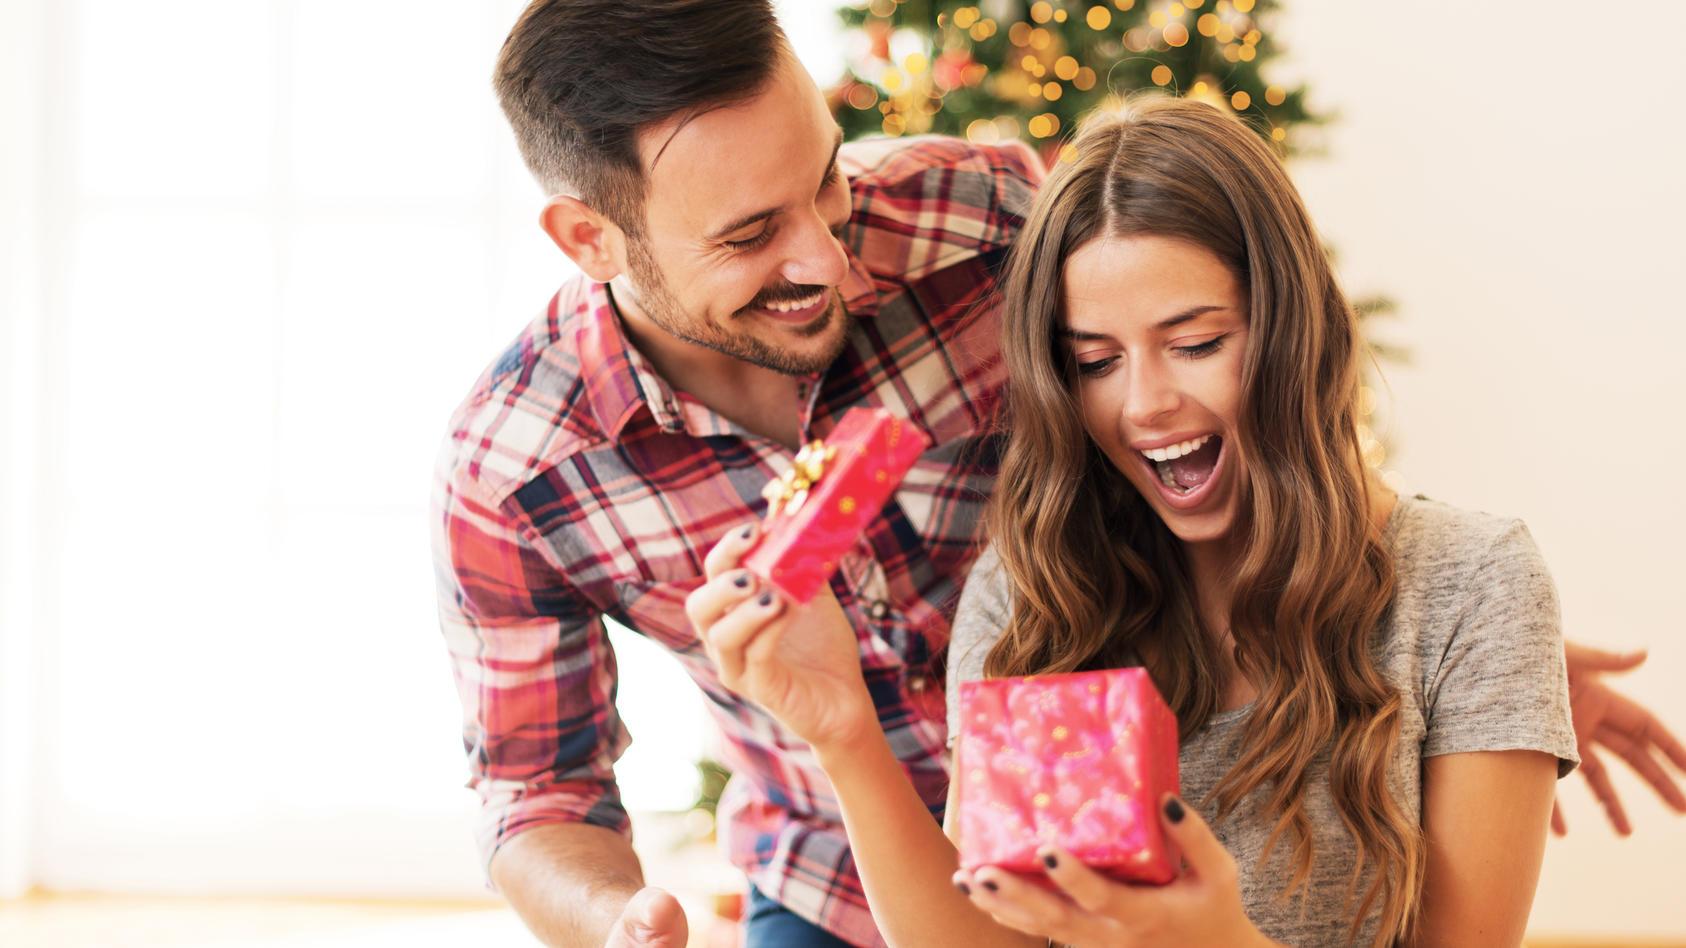 Auch über gebrauchte Weihnachtsgeschenke freuen sich viele, wie eine Umfrage ergab.